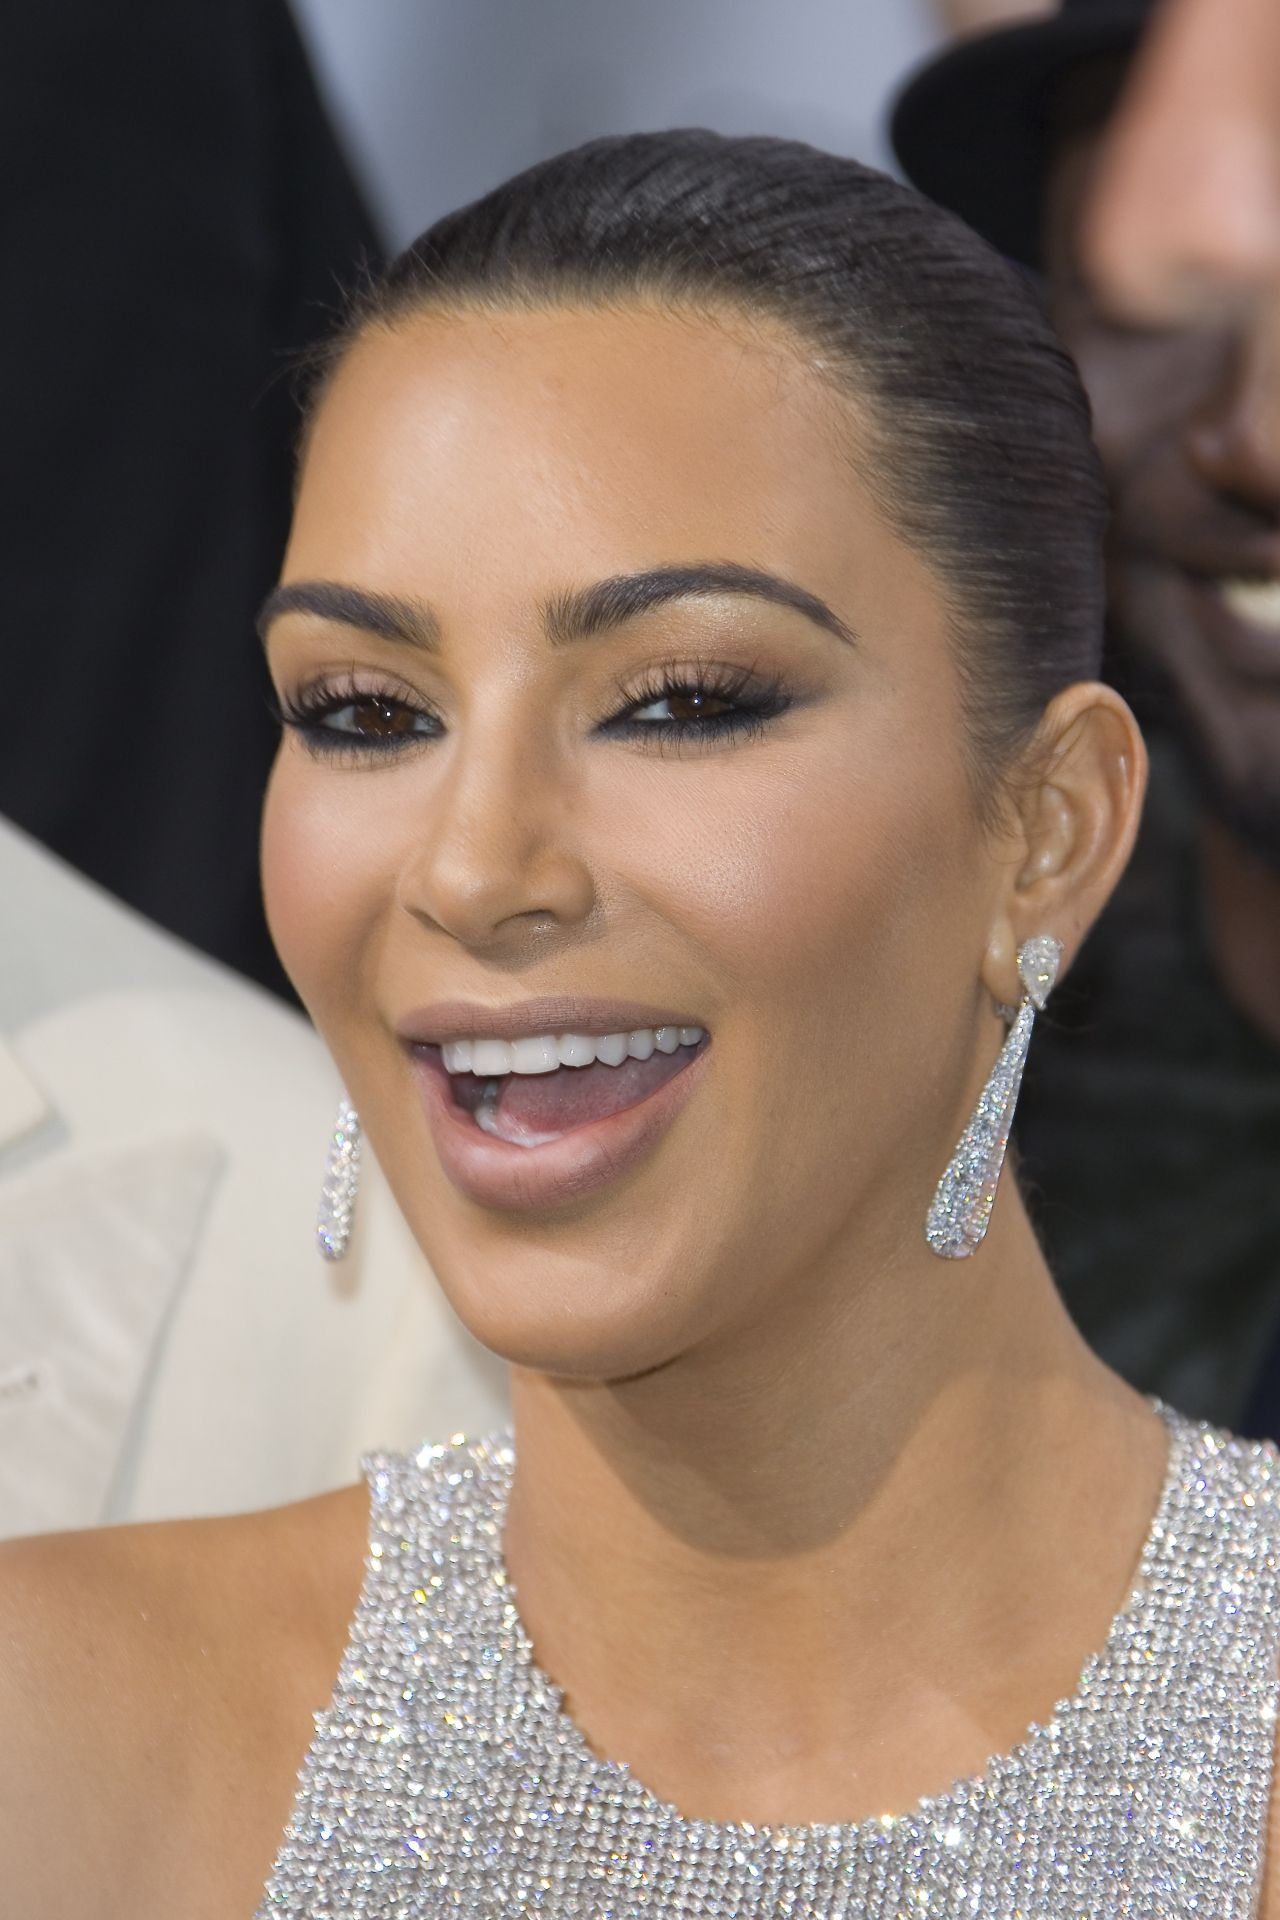 Kim Kardashian - De Grisogono Party at Cannes Film ... Kim Kardashian